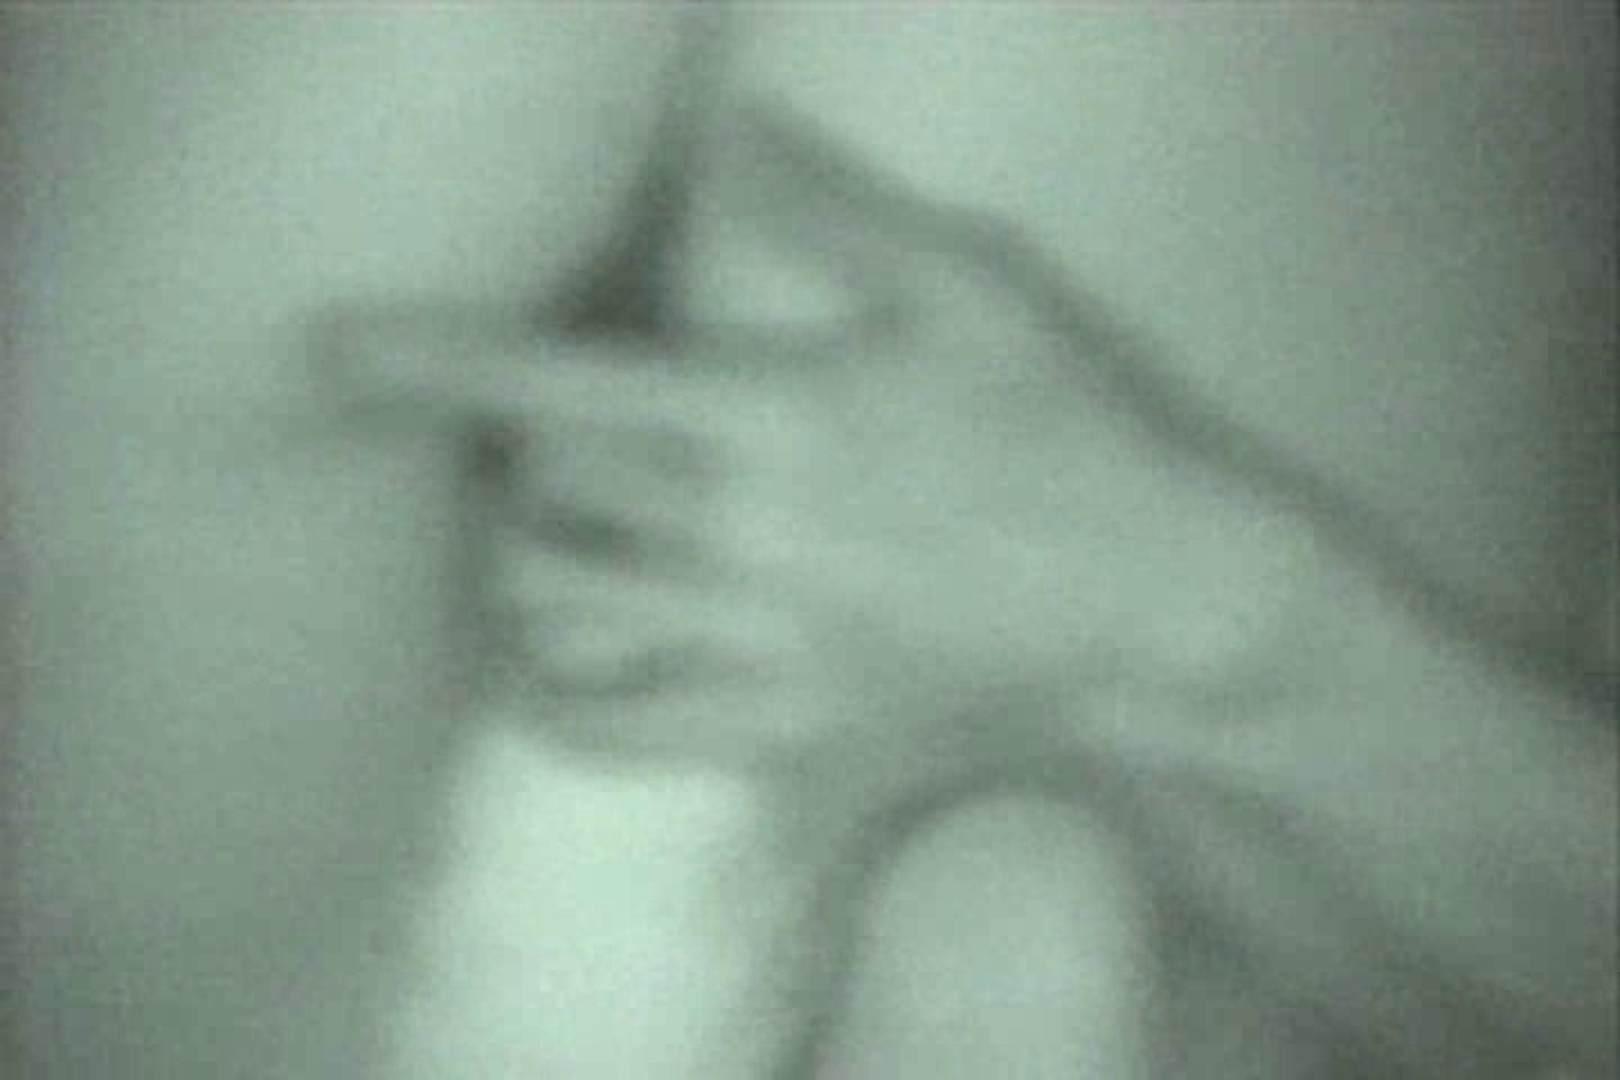 蔵出し!!赤外線カーセックスVol.6 接写 ヌード画像 81画像 57